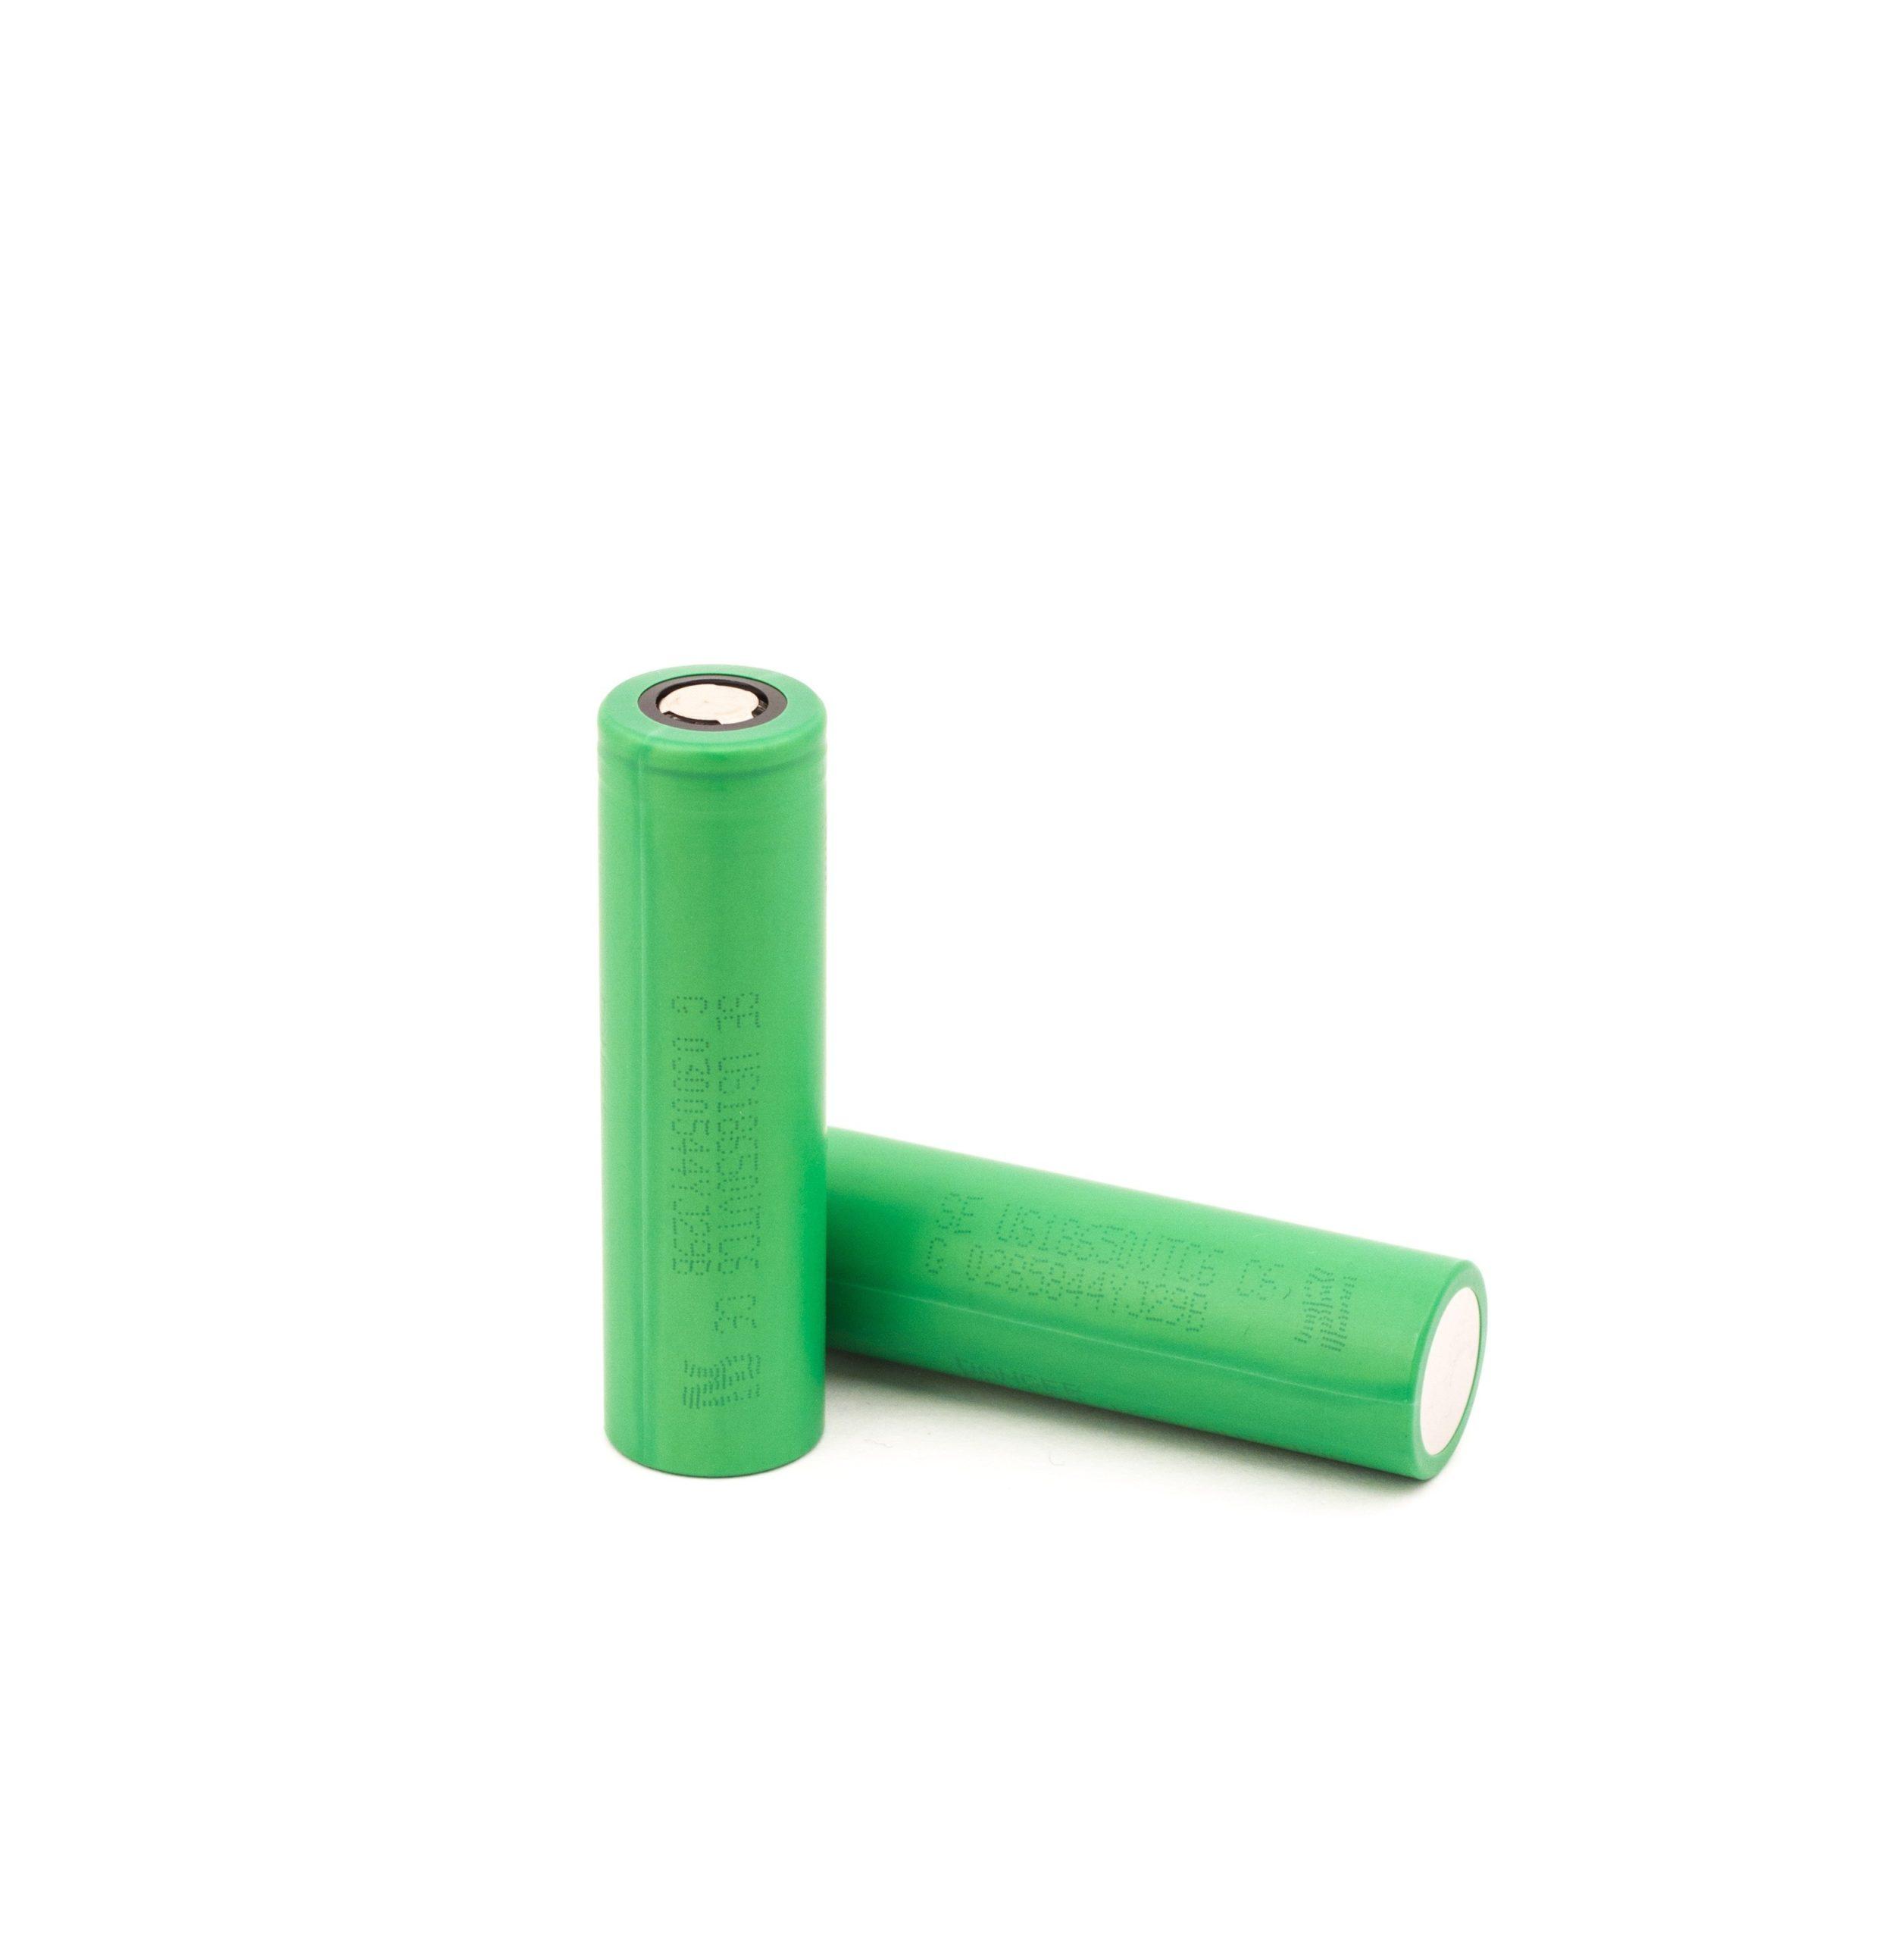 Flat top batterij met vermogen van 3120mAh en rating van 30A.